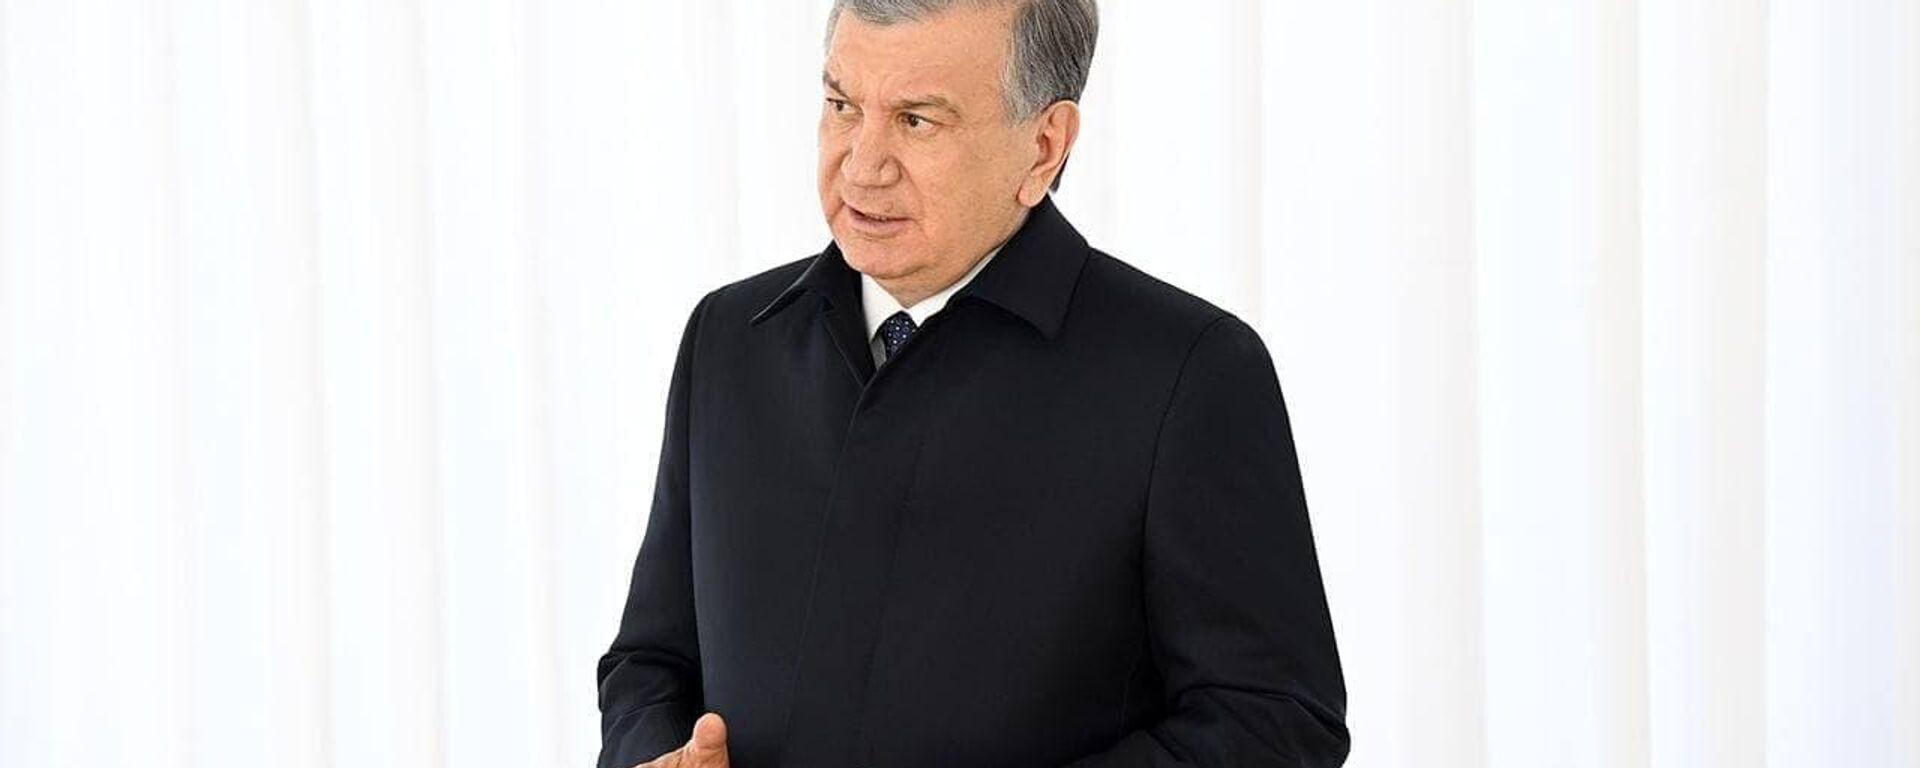 Шавкат Мирзиёев посетил махаллю Эшонобод Чиназского района - Sputnik Узбекистан, 1920, 18.03.2021